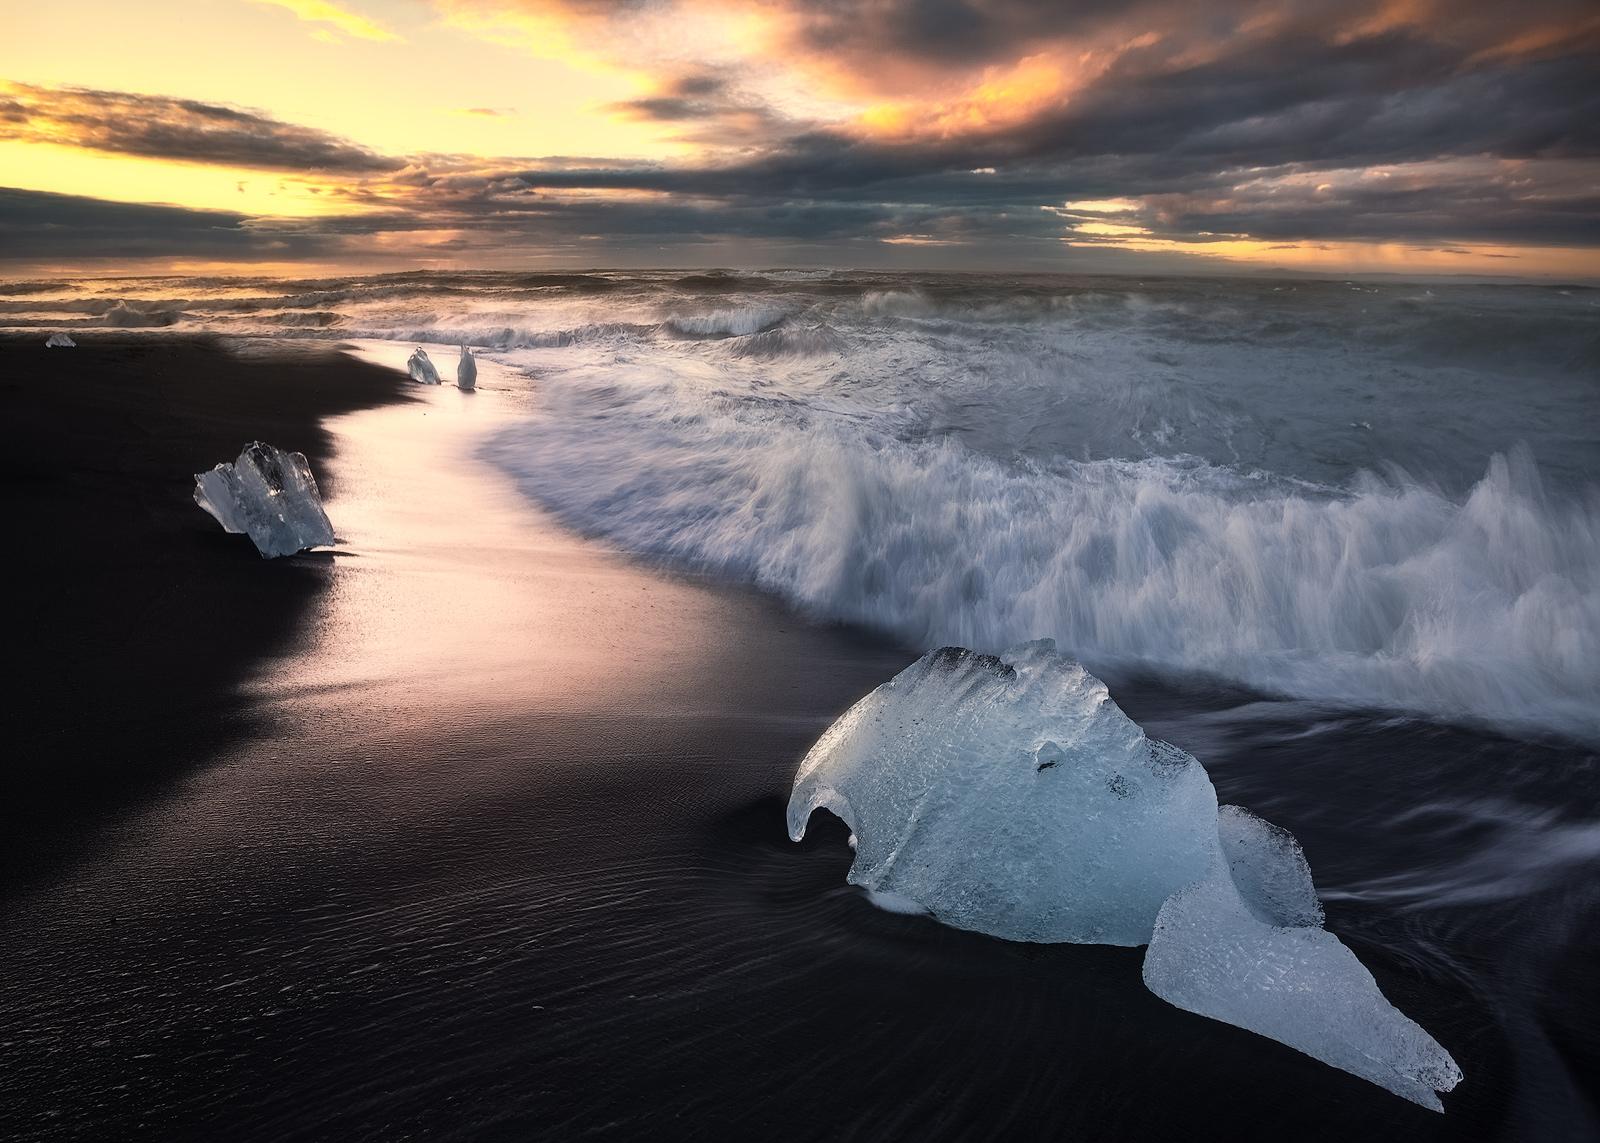 Sunrise behind Icebergs on Iceland's black sand beach Breidamerkursandur.